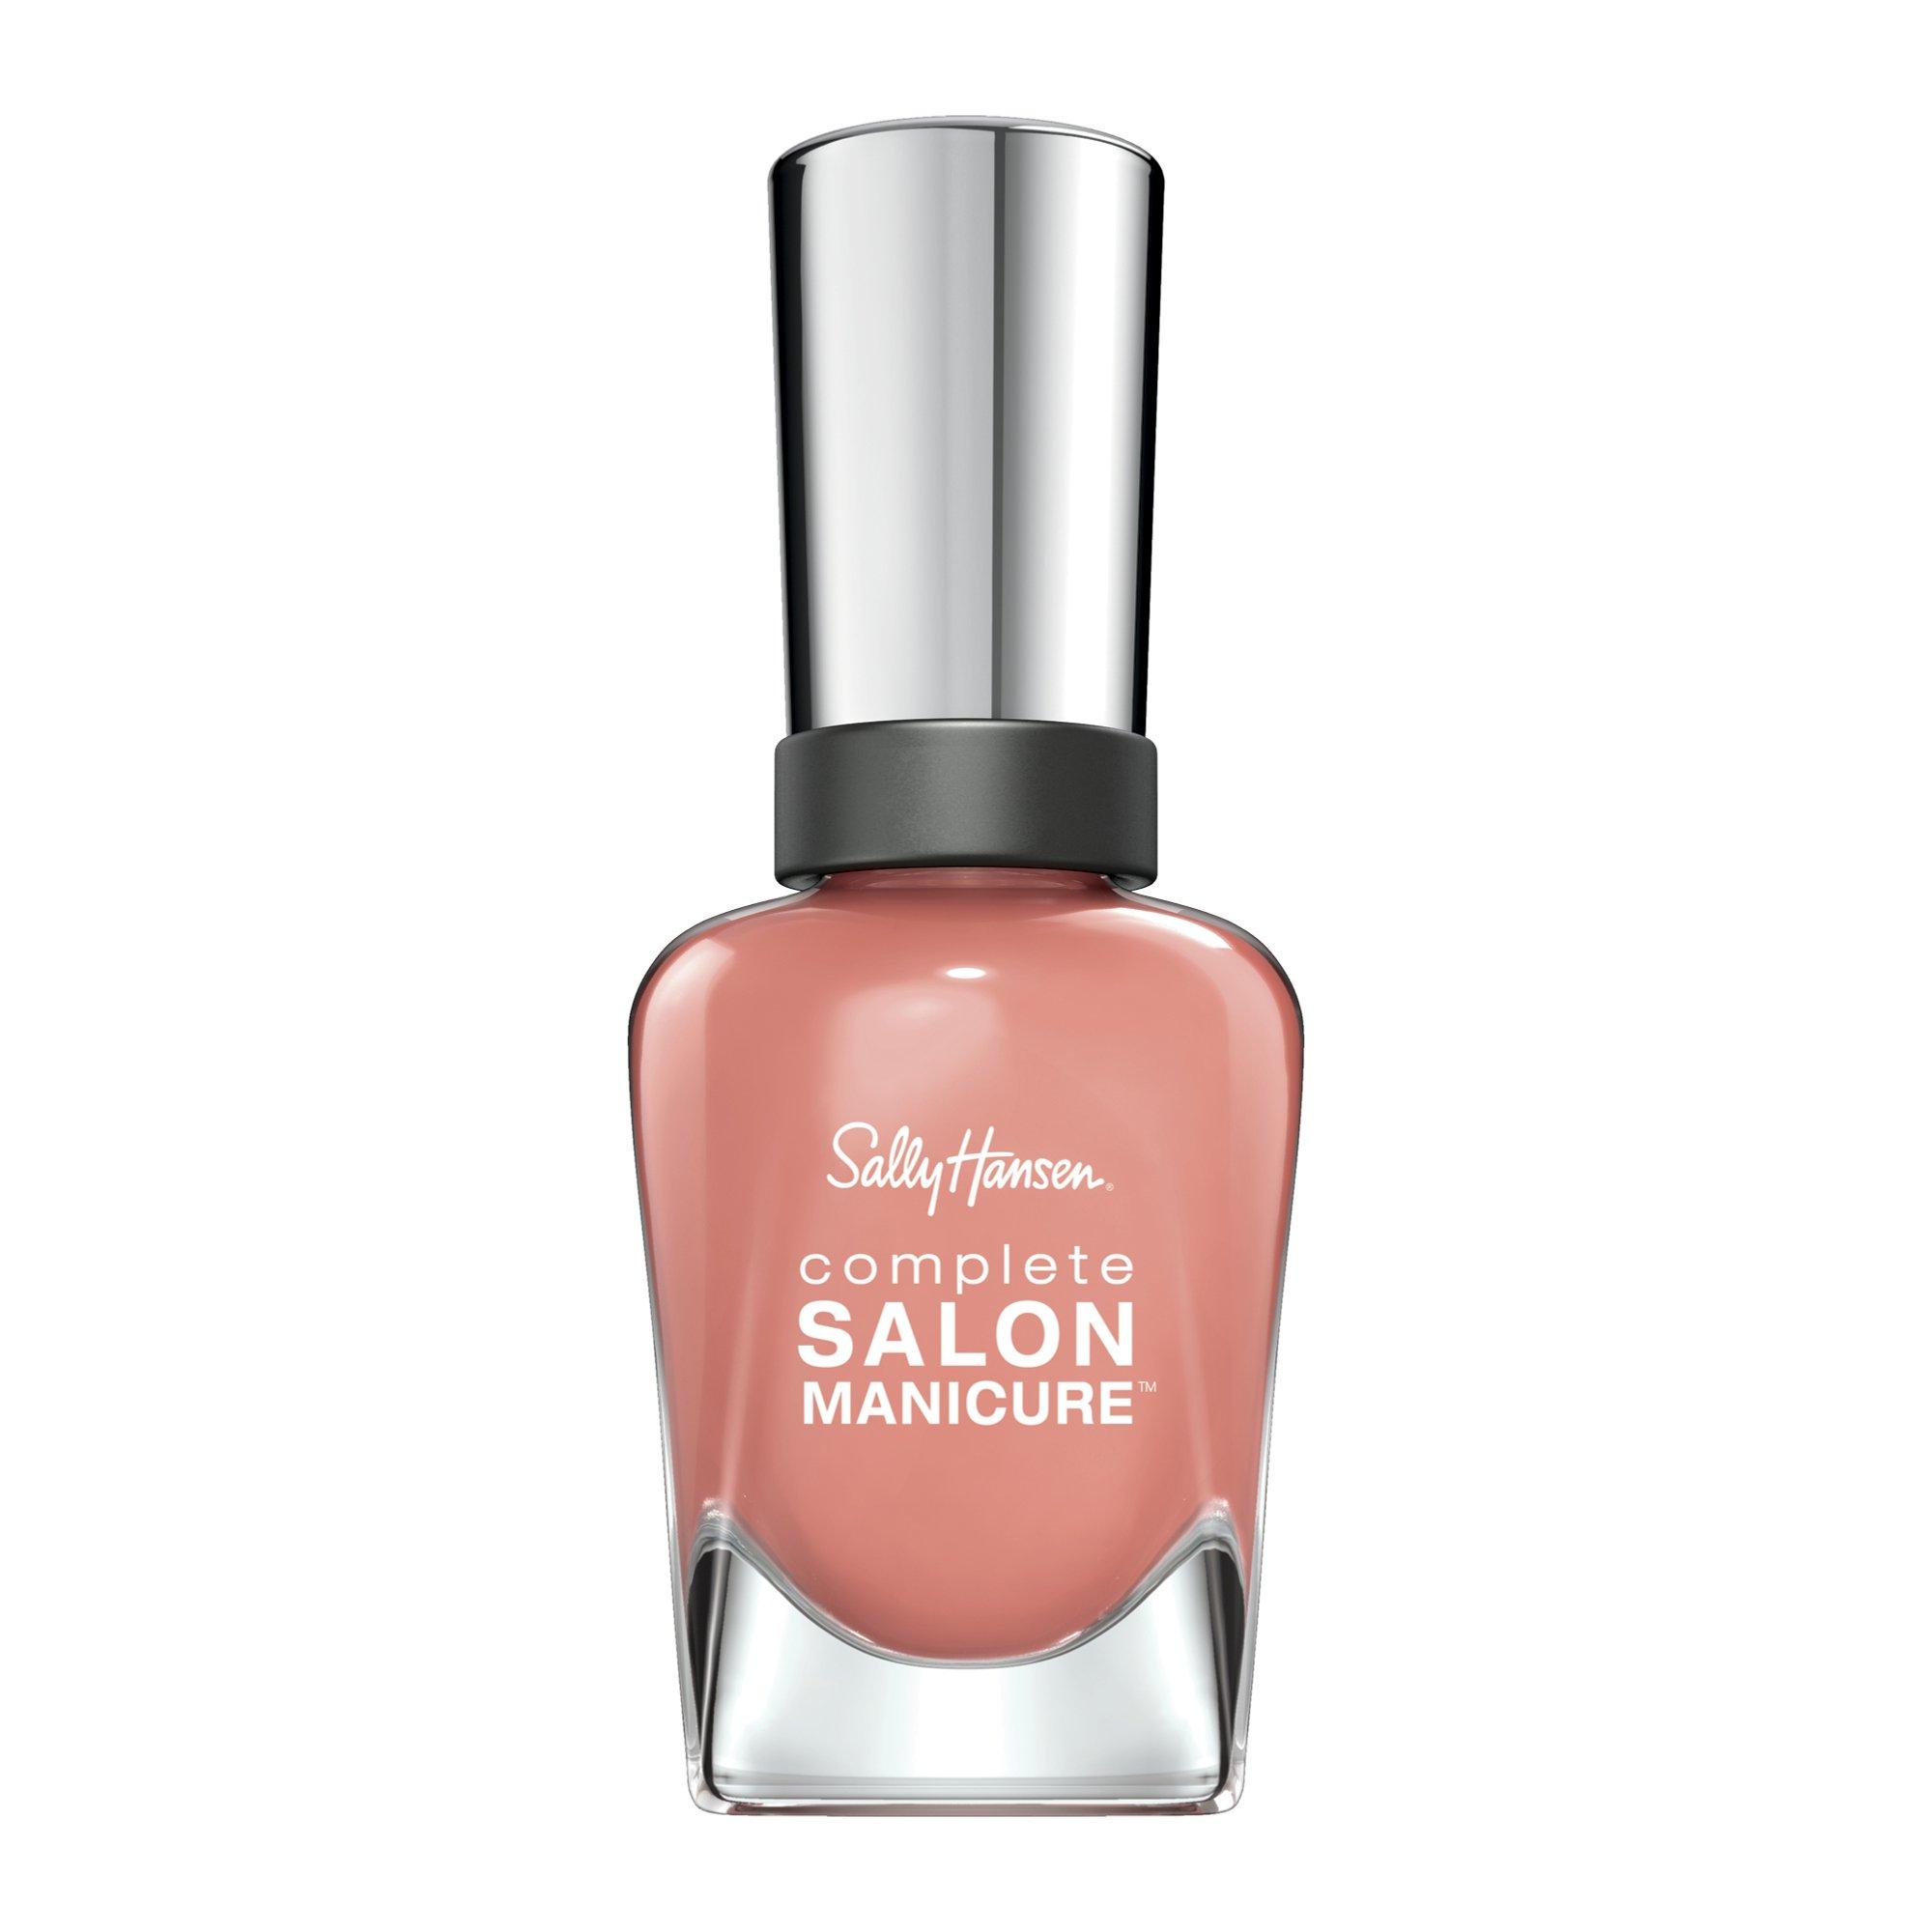 Amazon.com : Sally Hansen - Complete Salon Manicure Nail Color ...